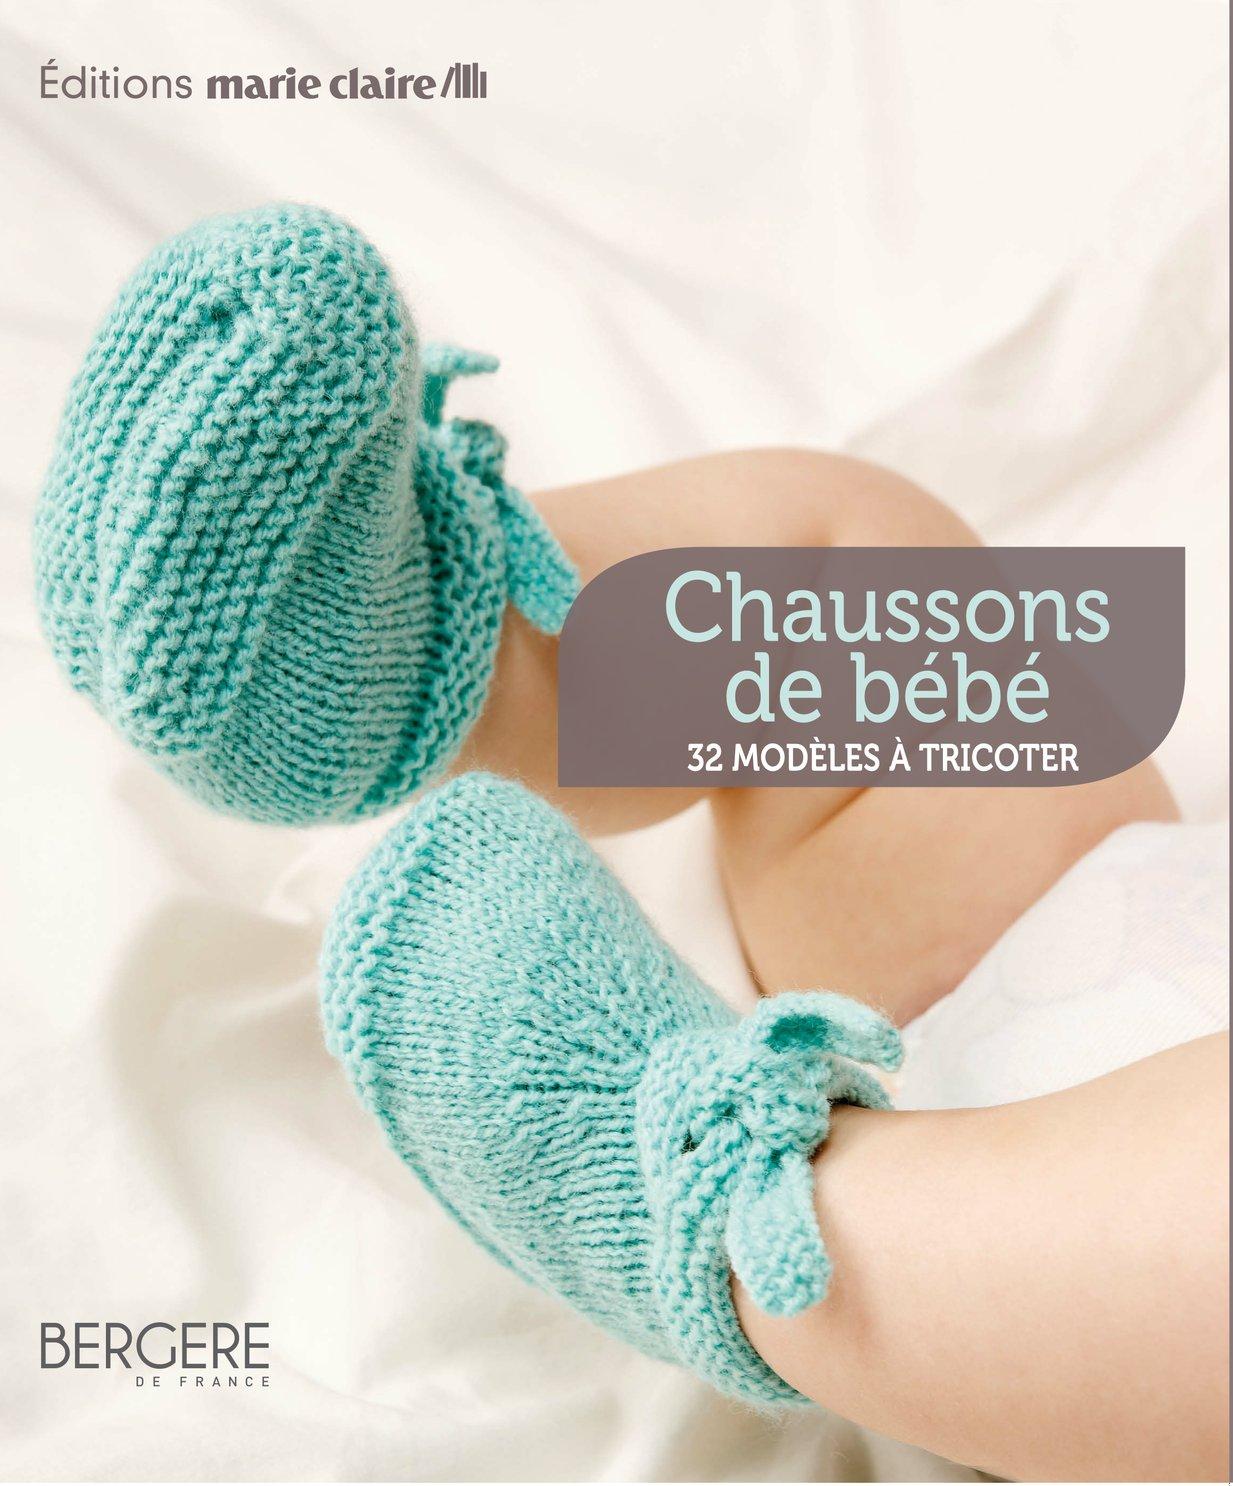 kit tricot chausson bebe